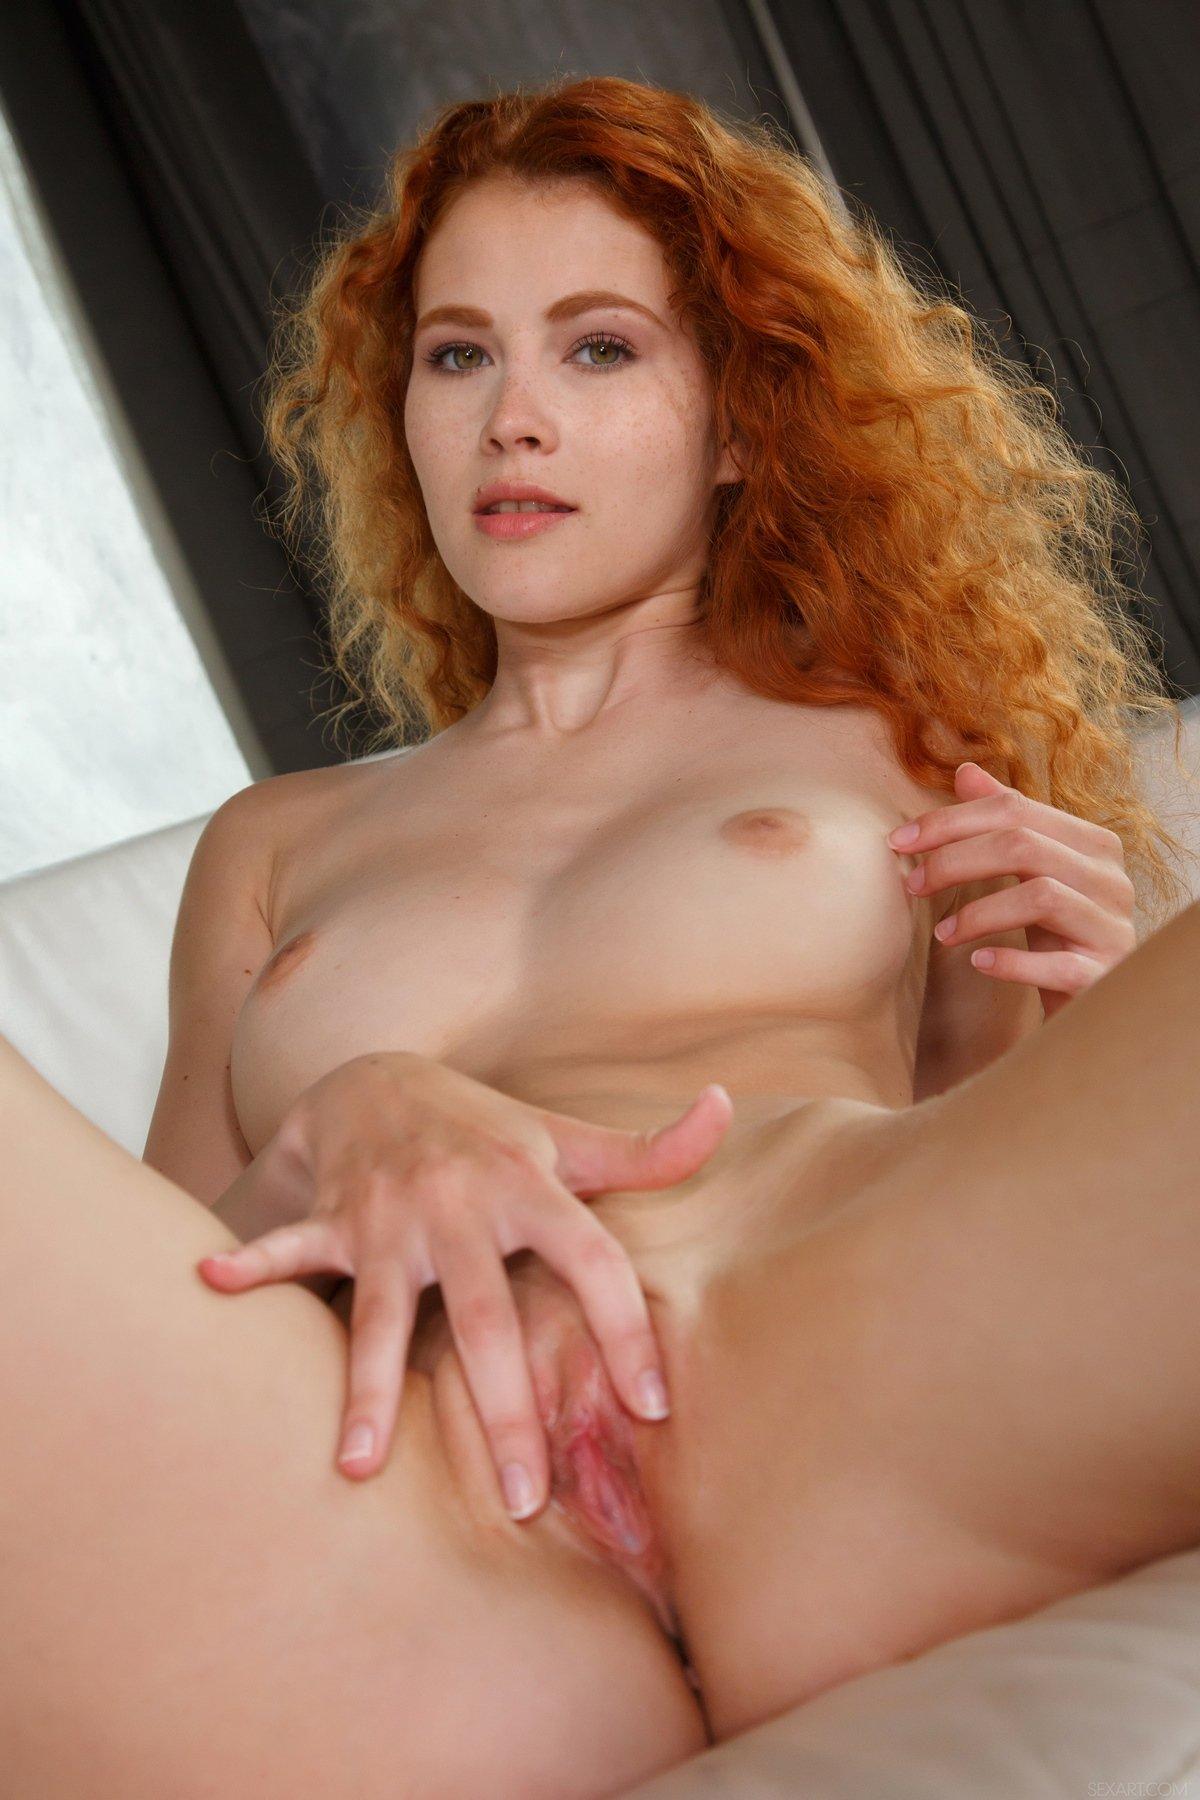 Симпатичная голая фрау с роскошными рыжими волосами